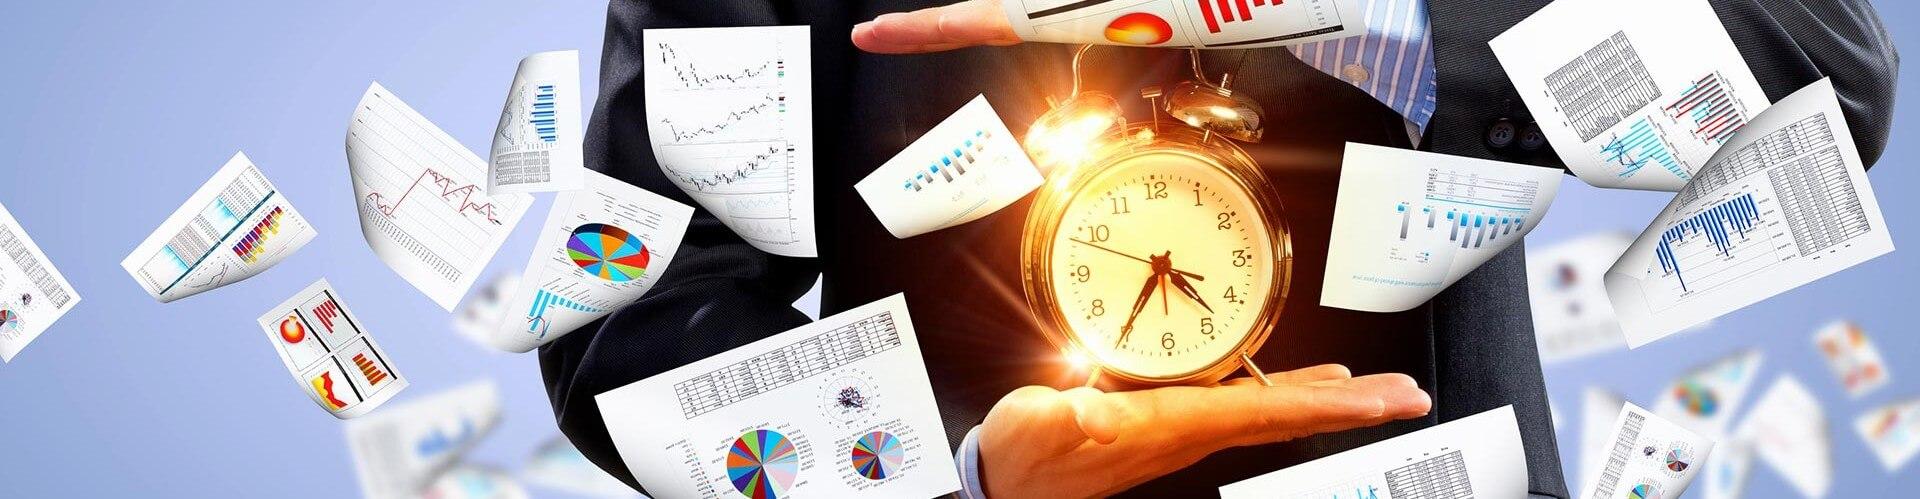 analytics swirling around clock